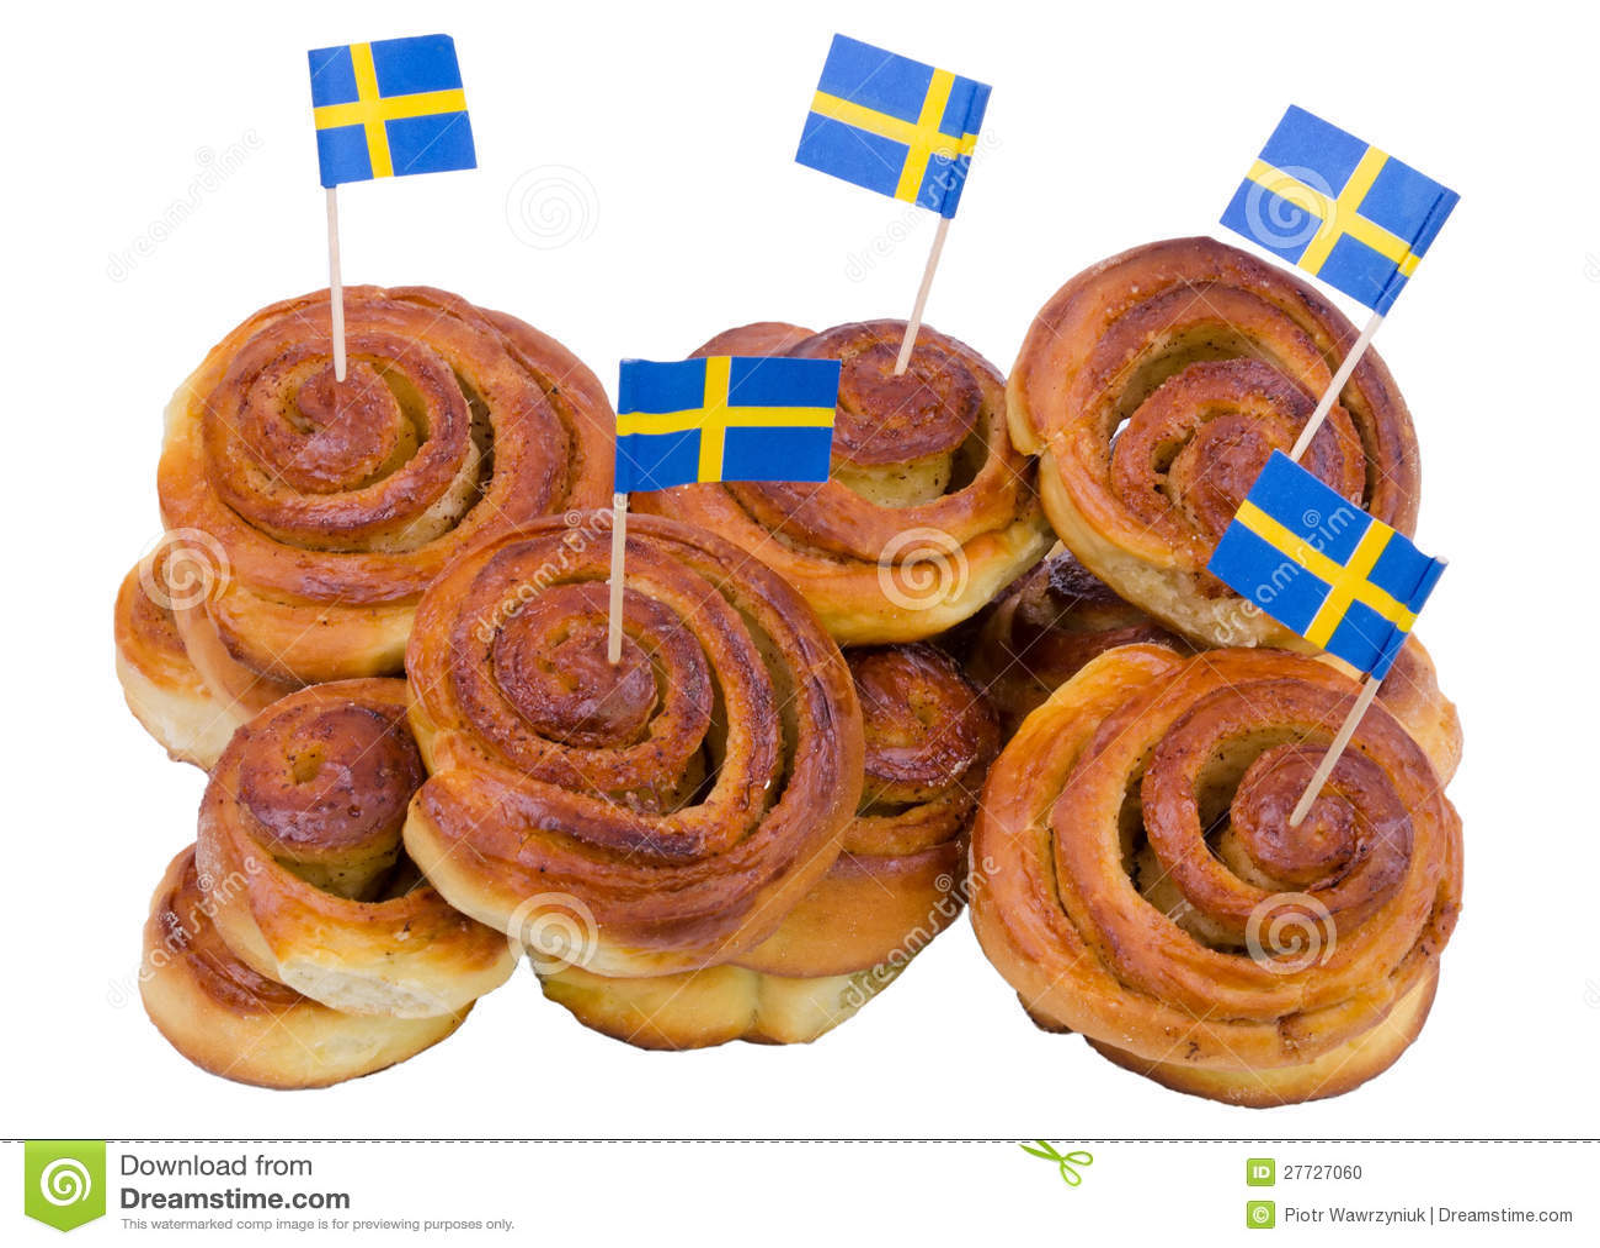 Vorrat an schwedischen Zimtbrötchen